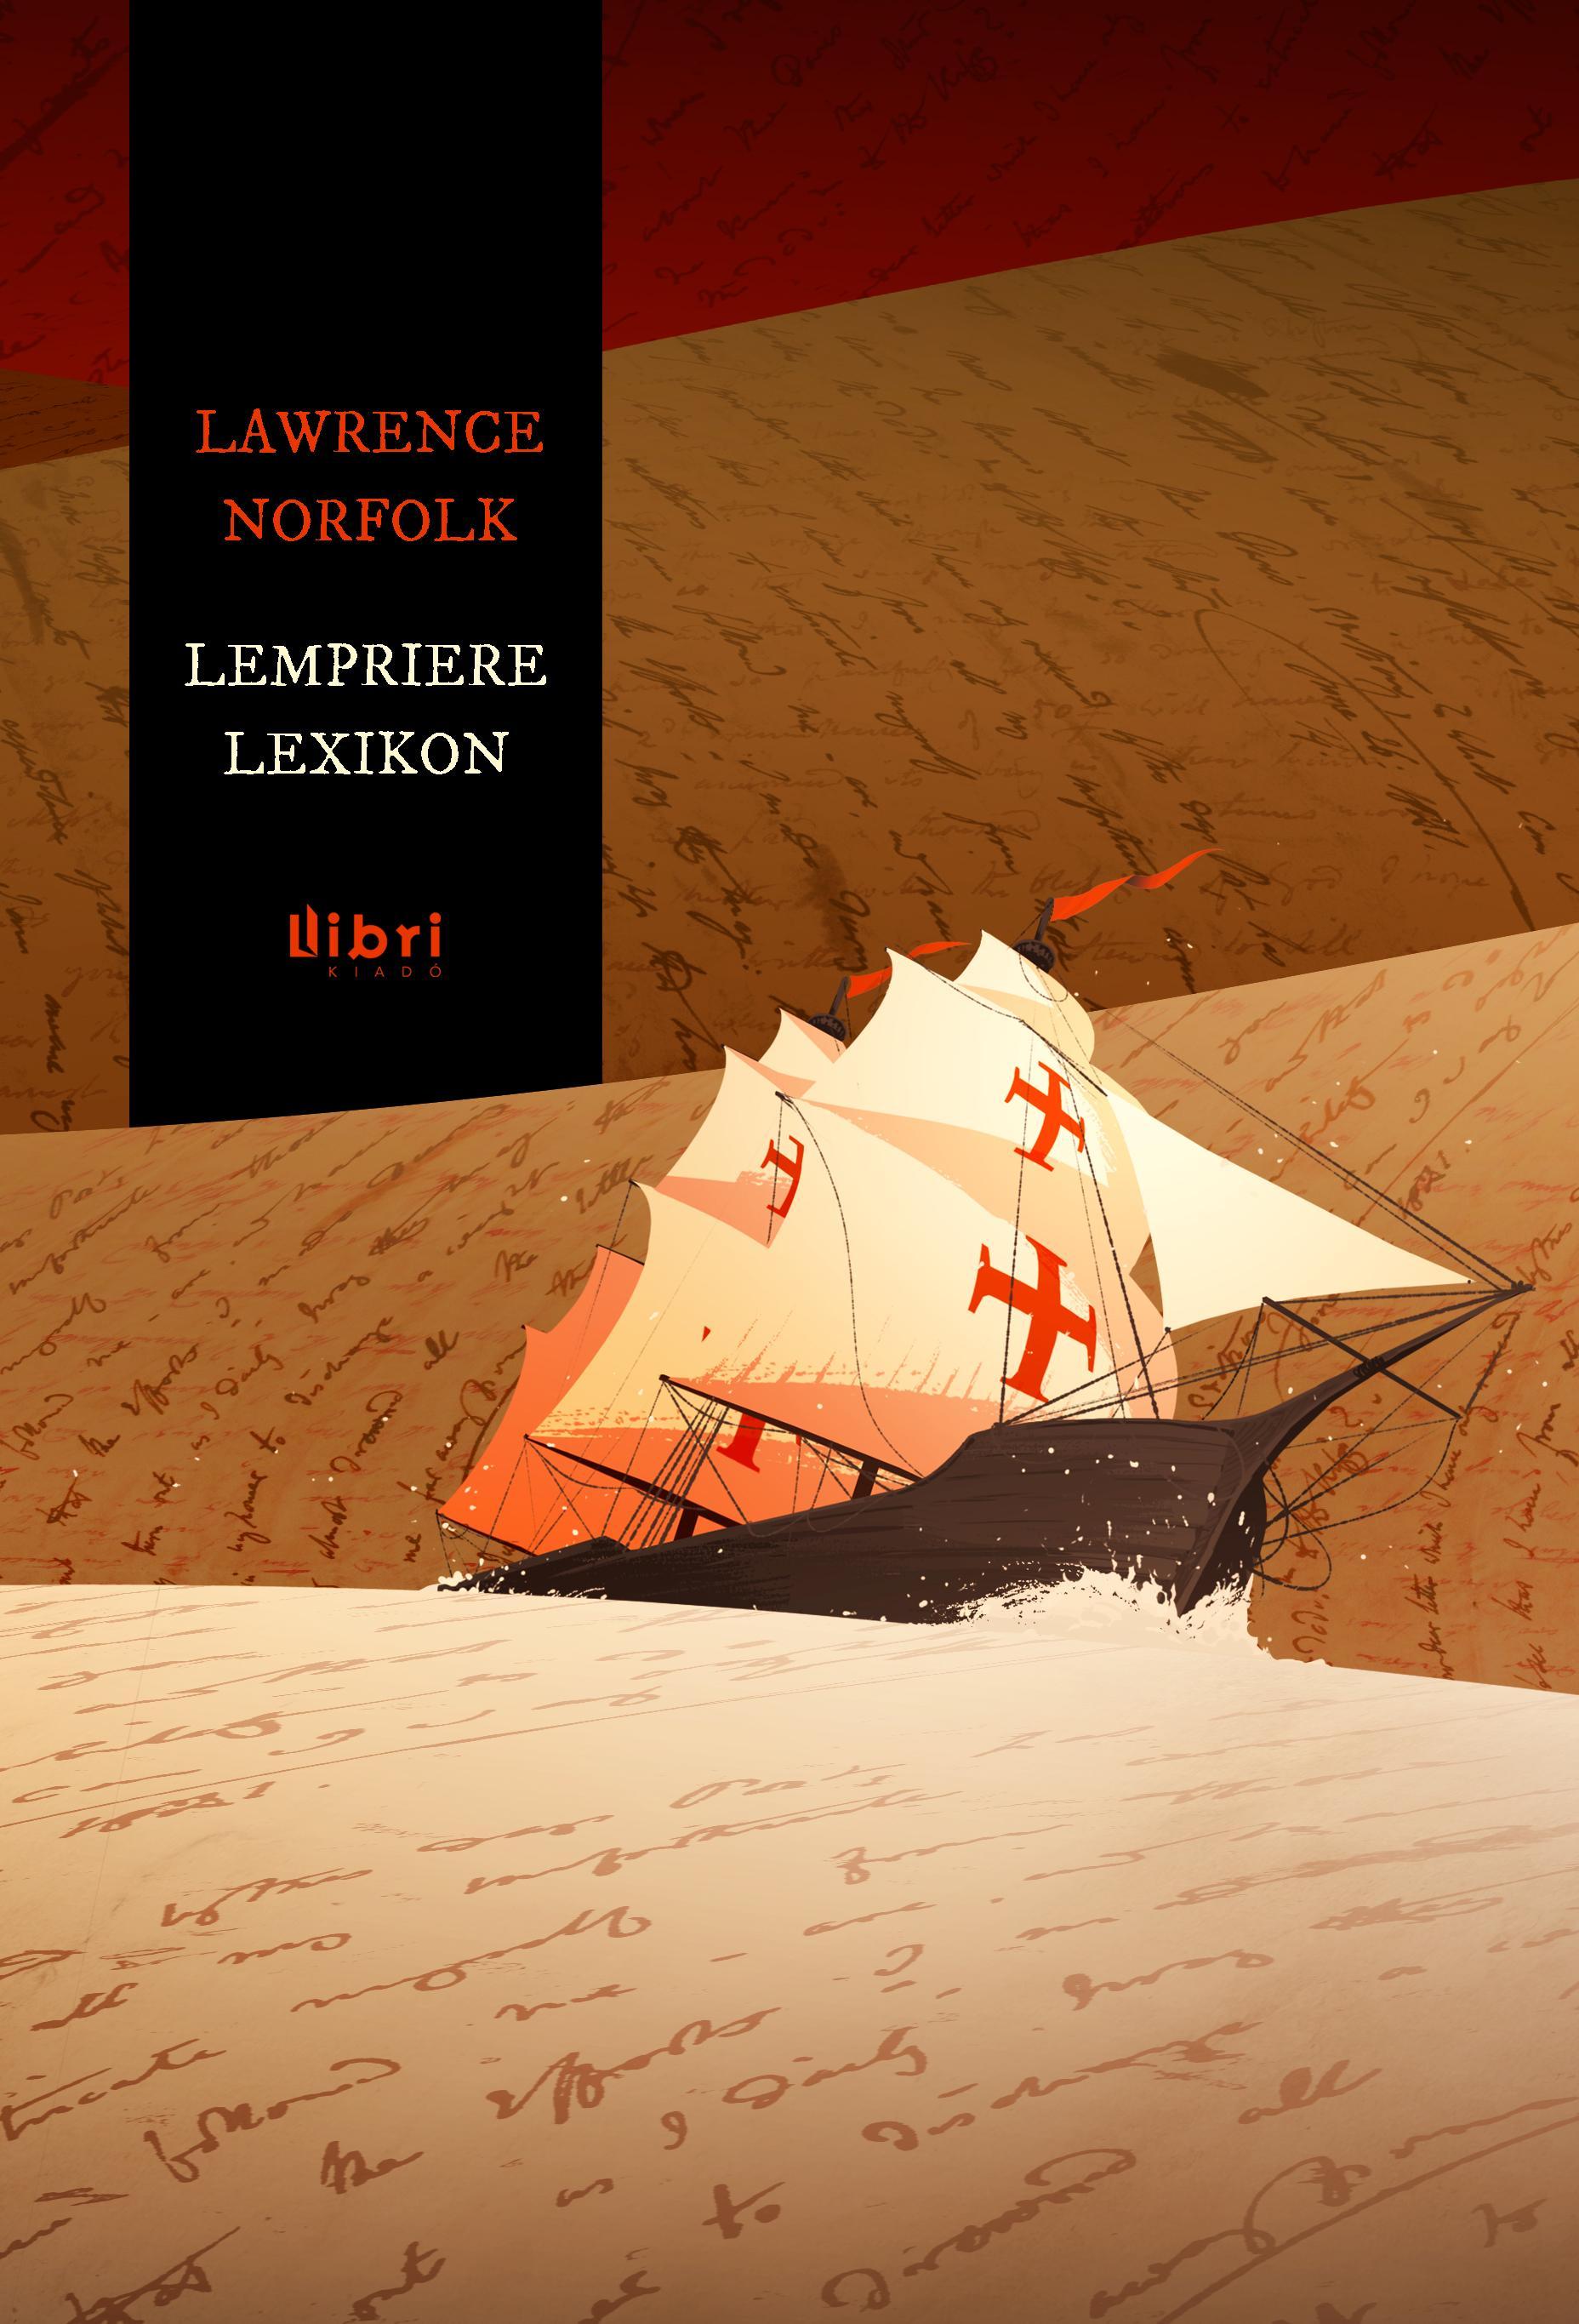 NORFOLK, LAWRENCE - A LEMPRIERE-LEXIKON